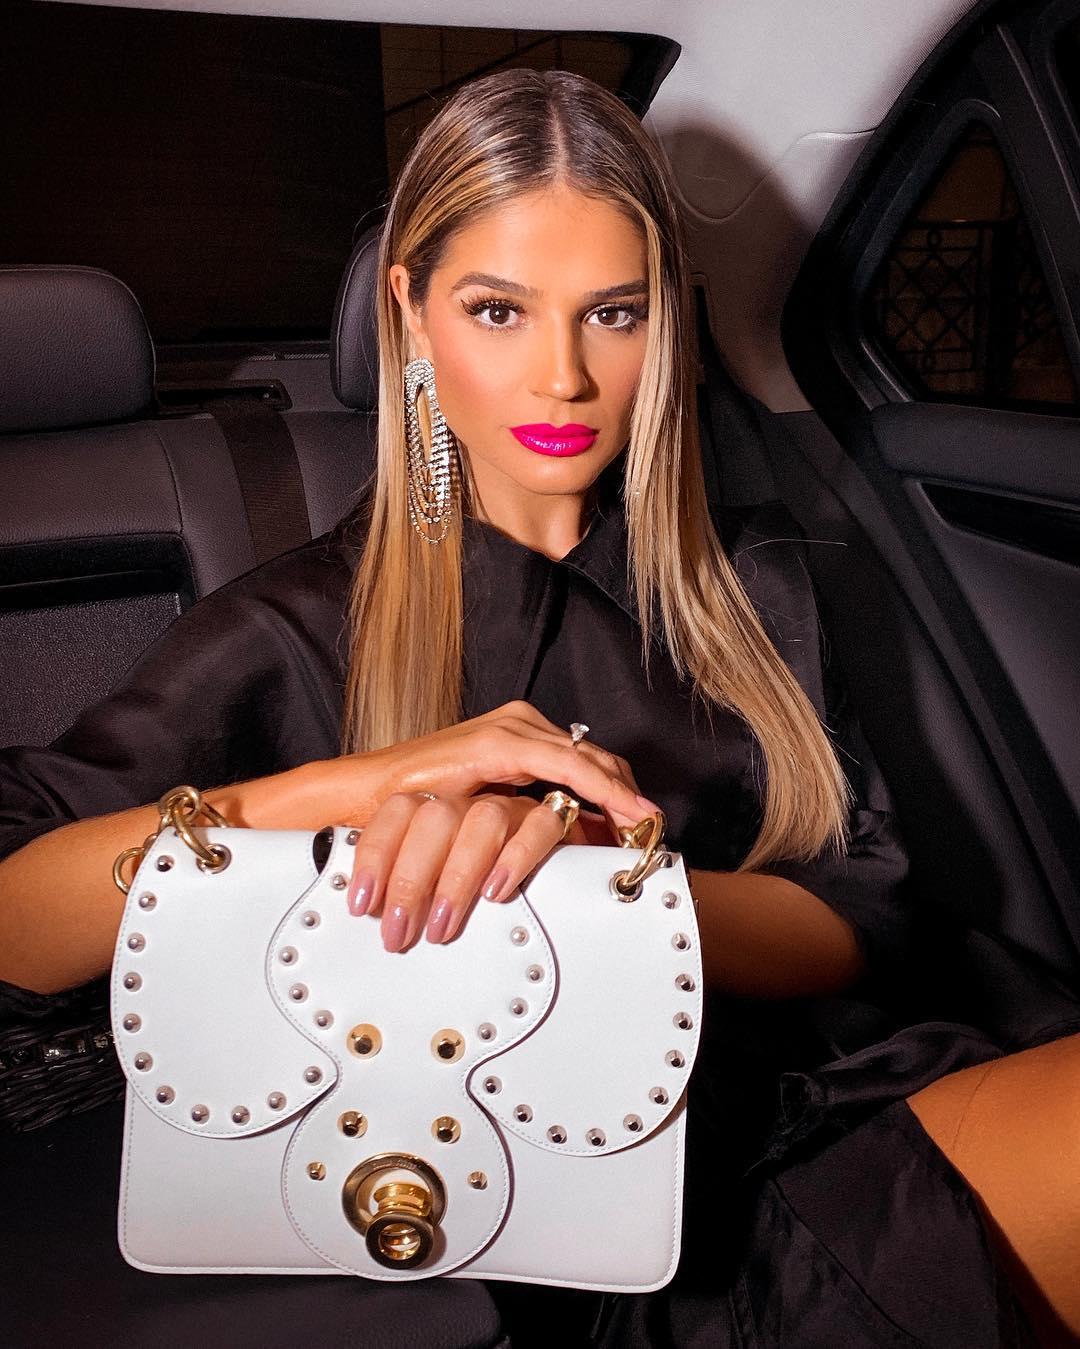 Thássia Naves usa cabelo solto, liso e repartido no meio, batom rosa pink, roupa preta, bolsa branca com detalhes em dourado, maxi brincos de franjas cravejadas de strass e anéis.